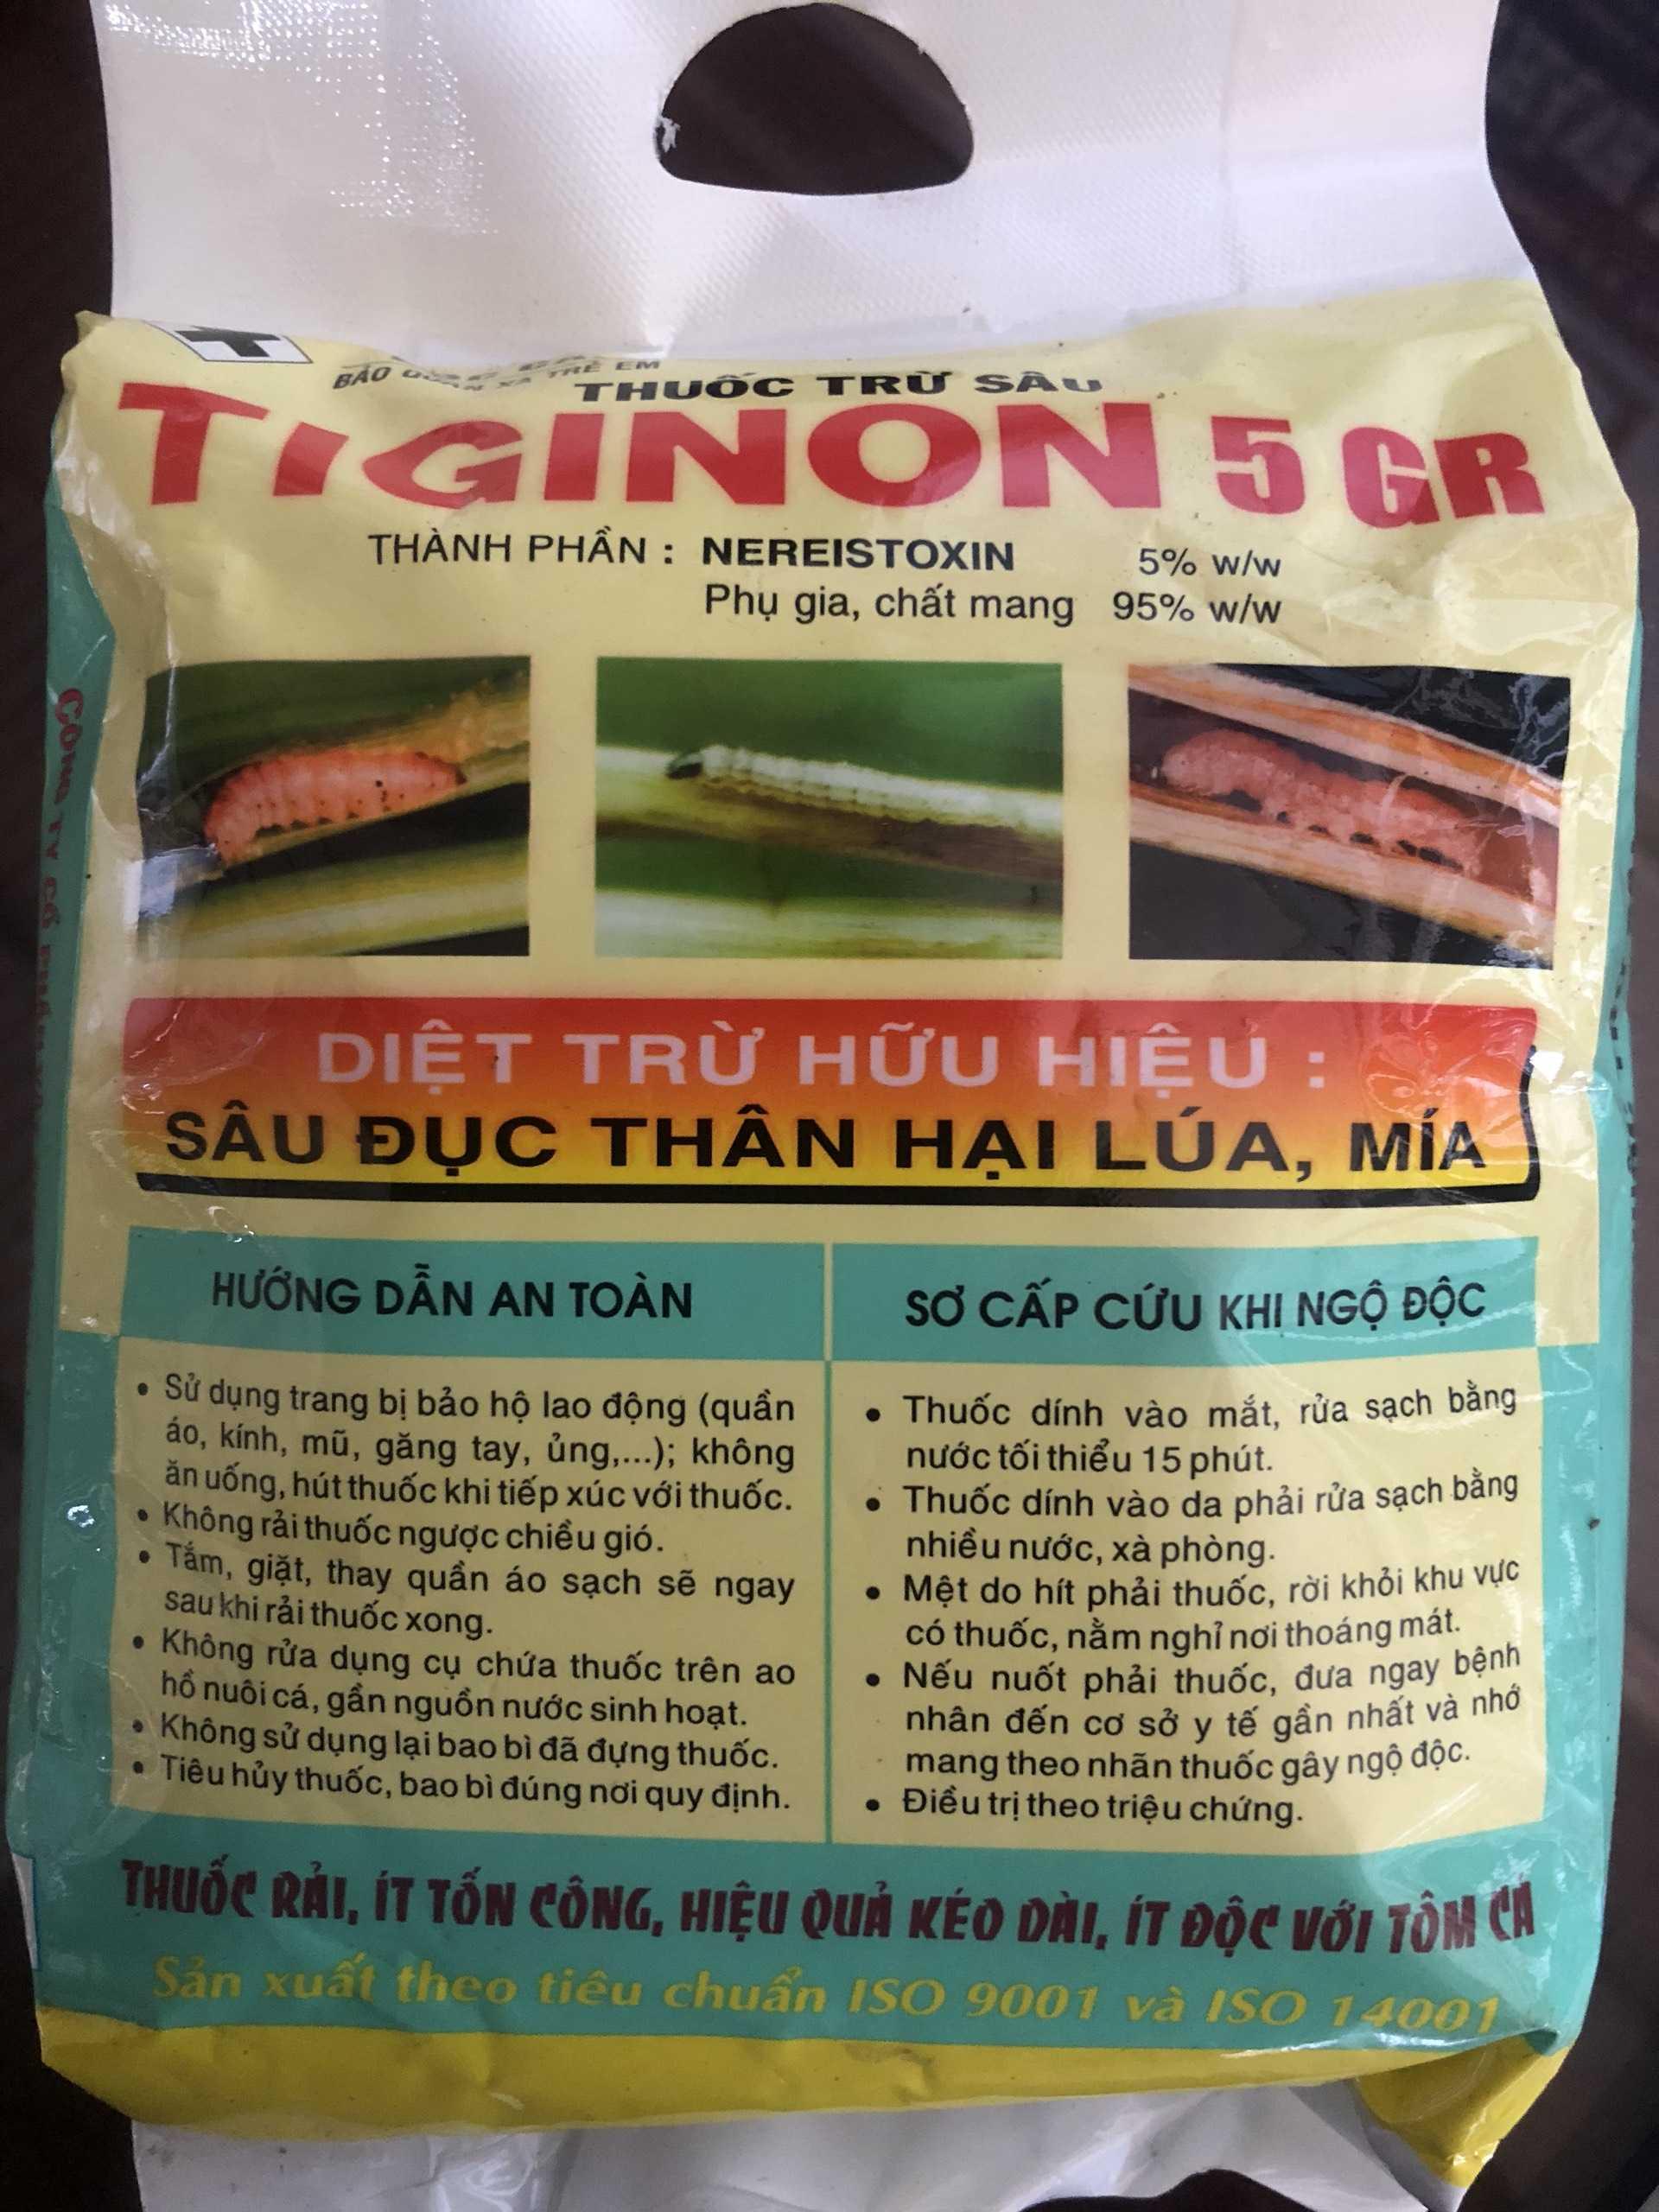 Tiginon 5Gr